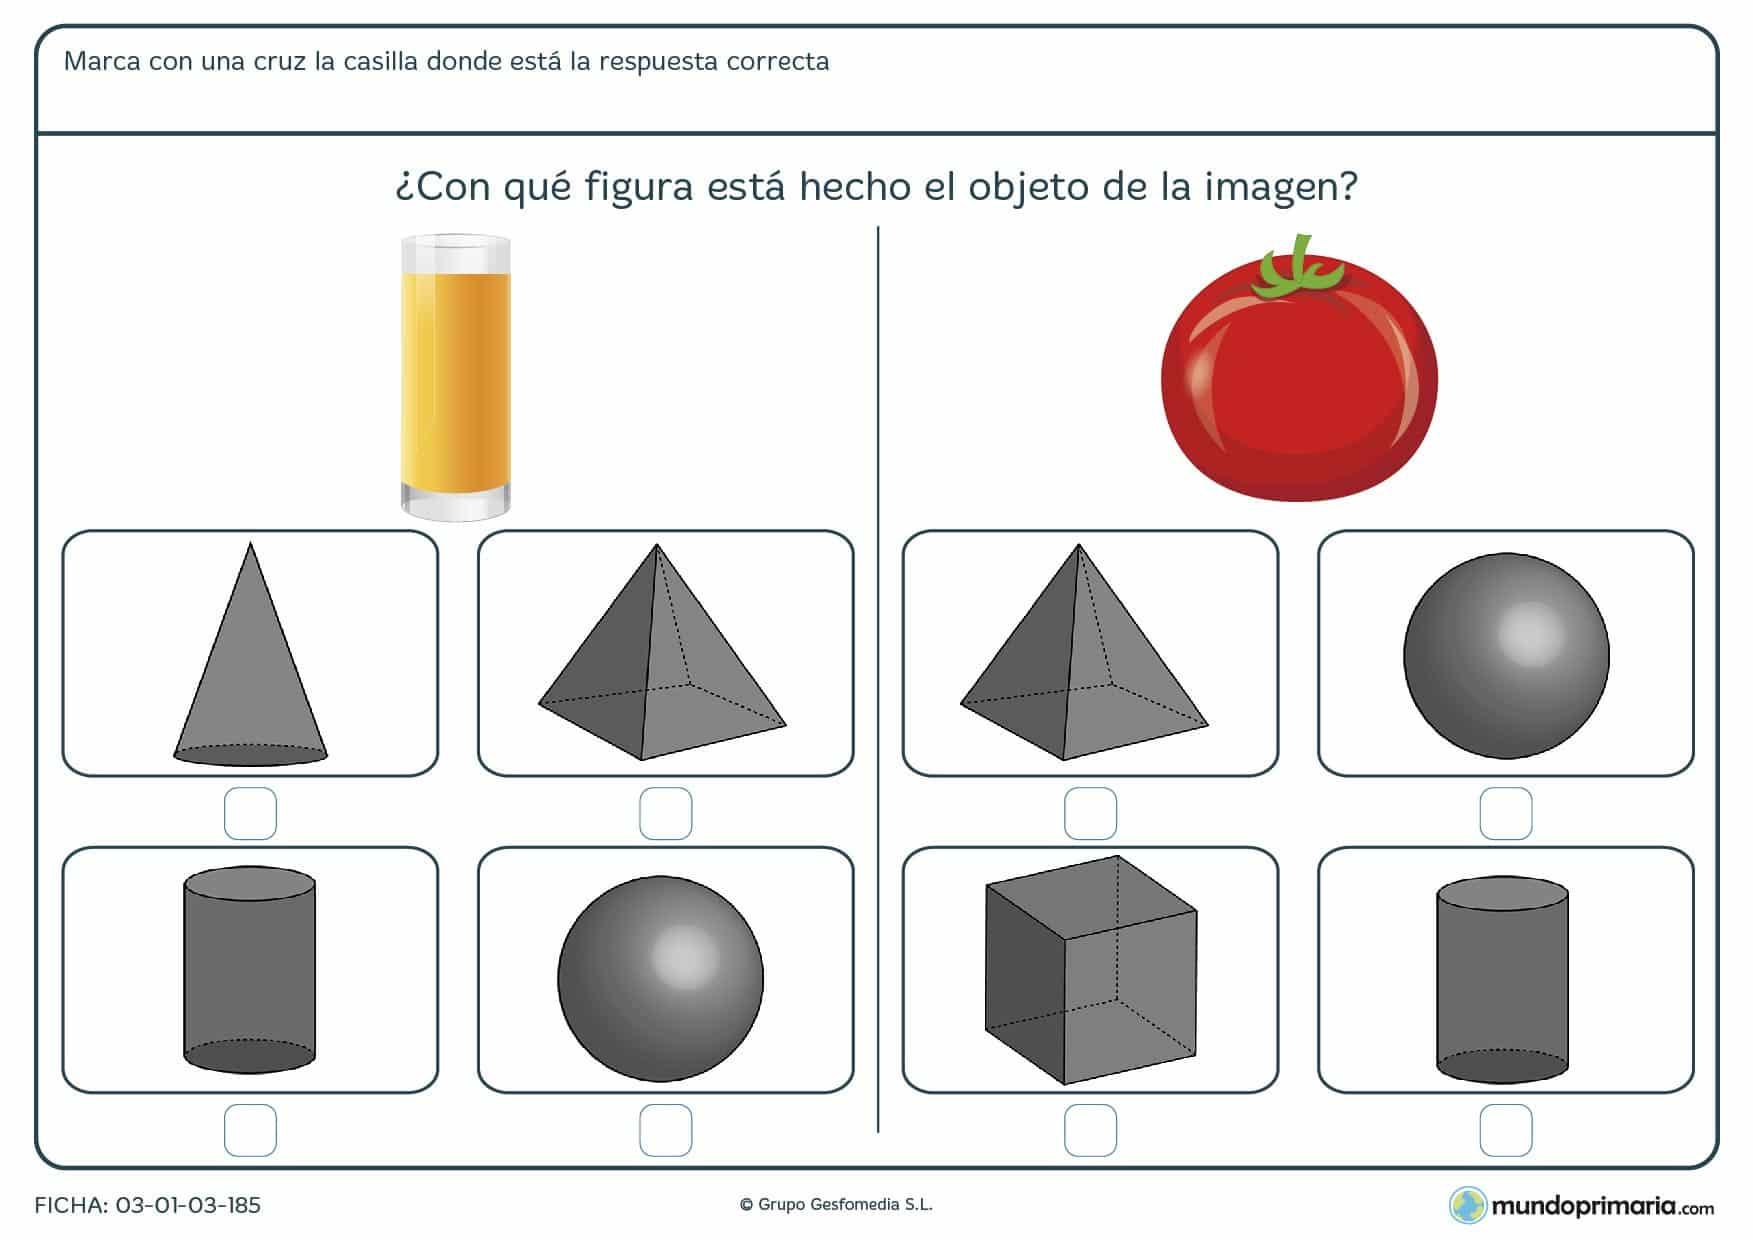 Ficha de esferas para que los niños de primer curso de primaria puedan afianzar conceptos